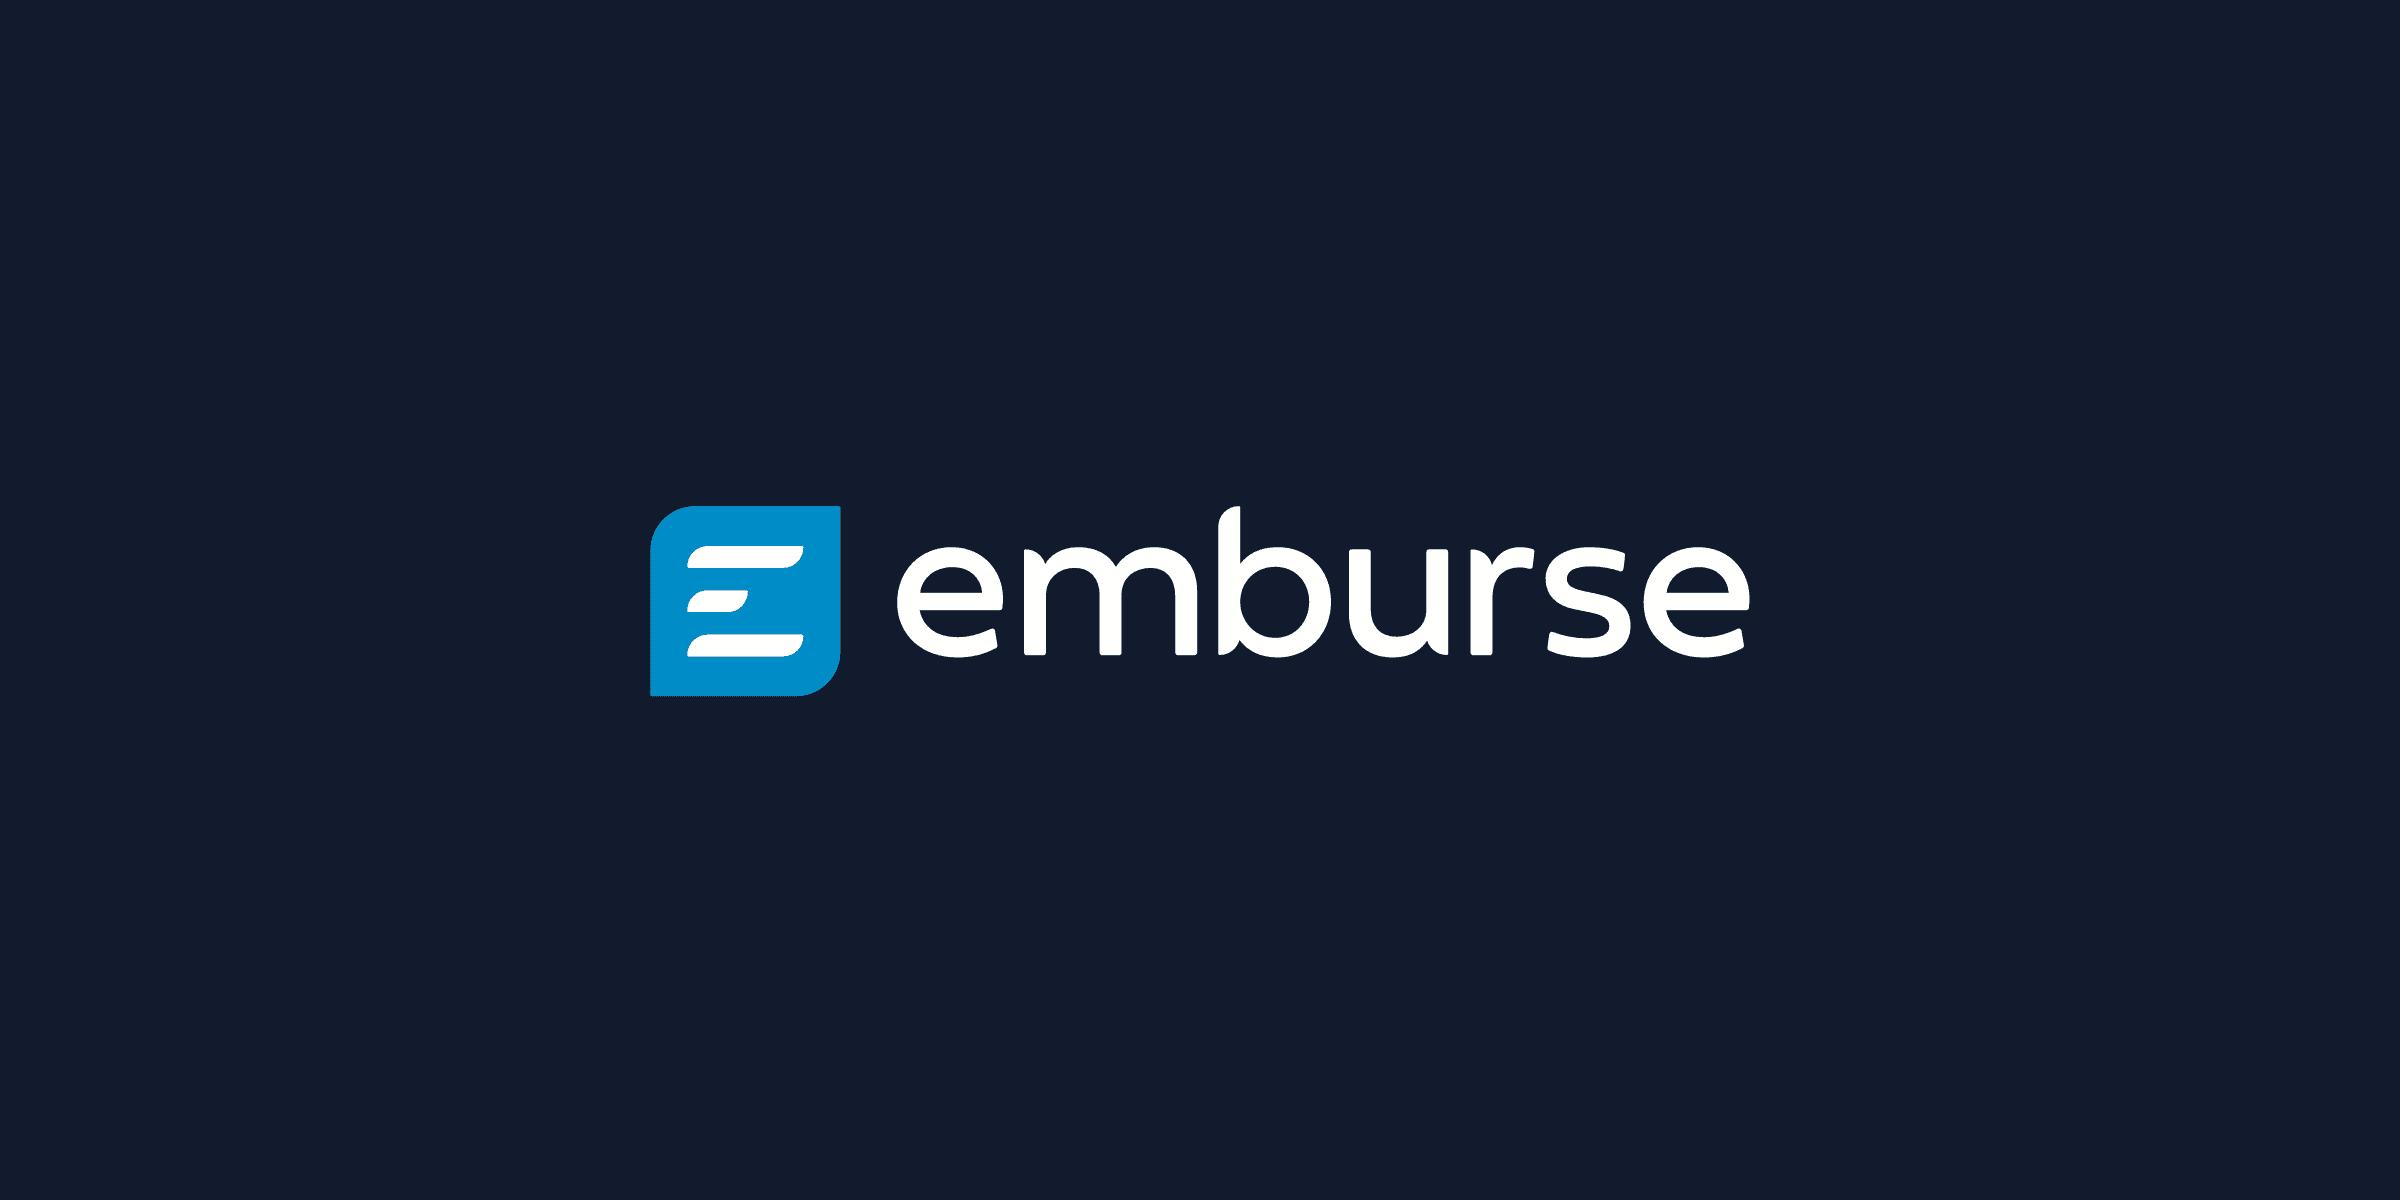 Nasce Emburse, una nuova società global che incorpora Abacus, Captio, Certify, Chrome River, Nexonia e Tallie